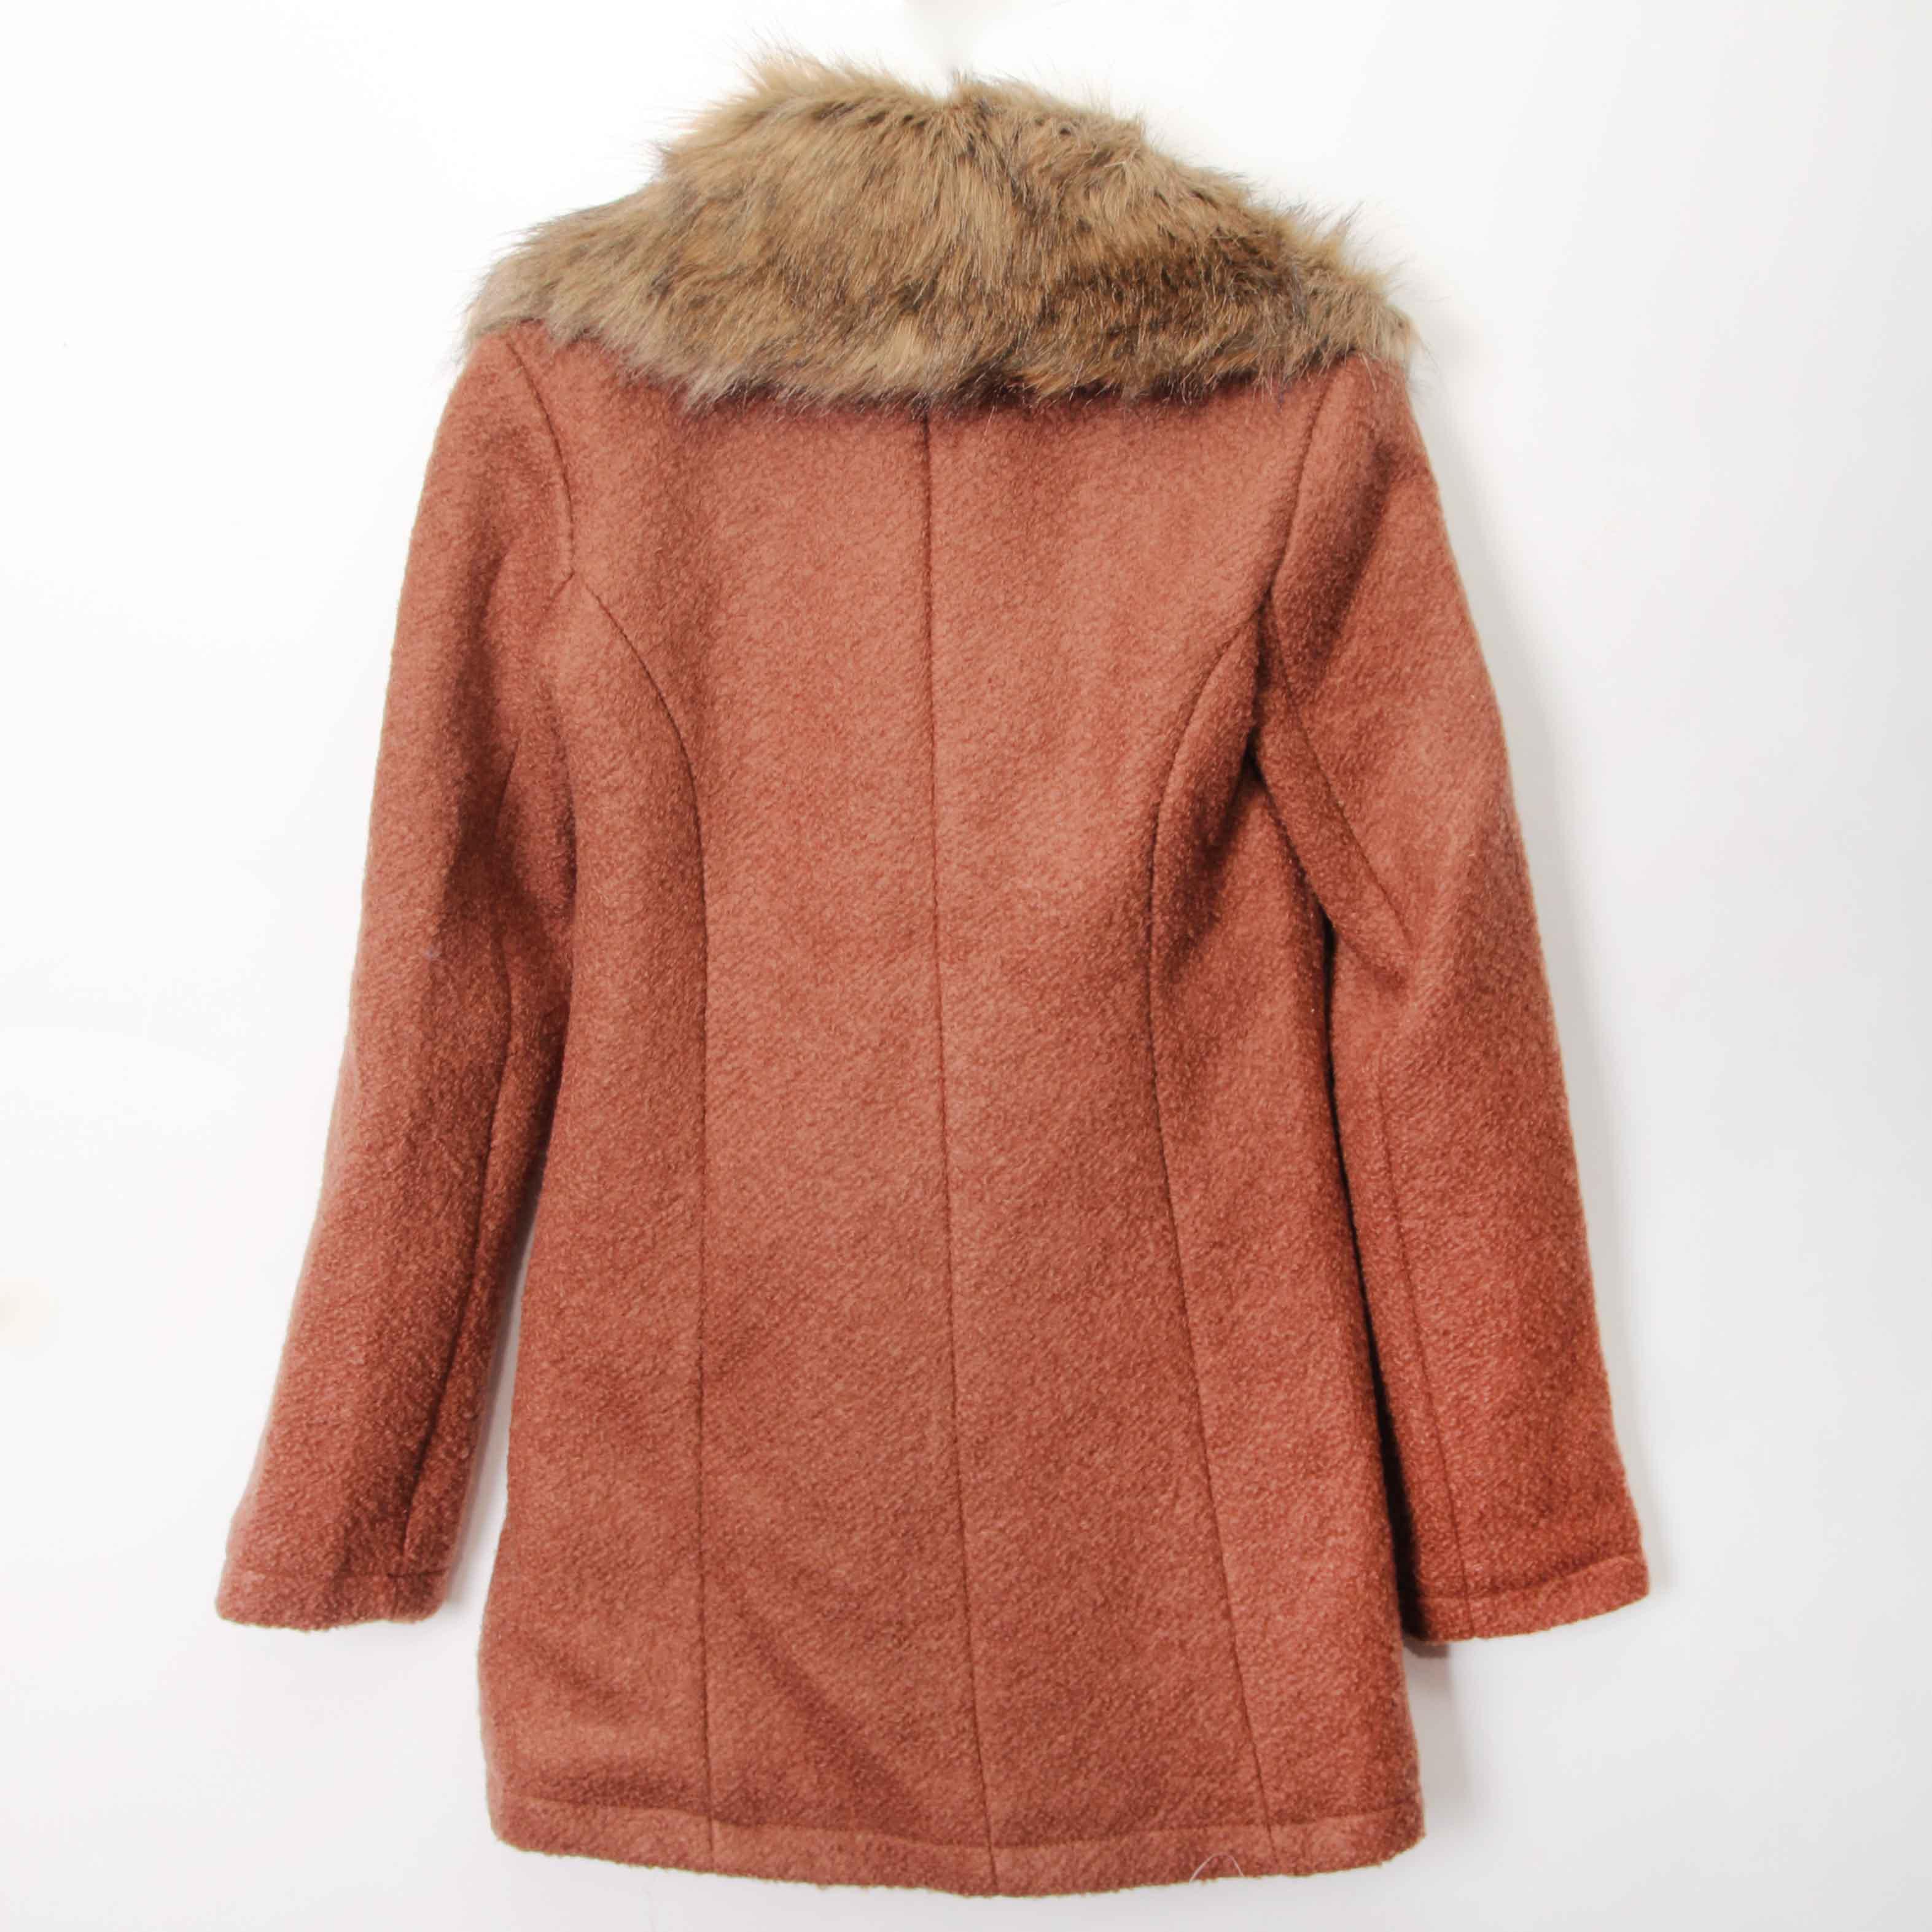 женское пальто Mimius m1266 Mimius2013 Mimius